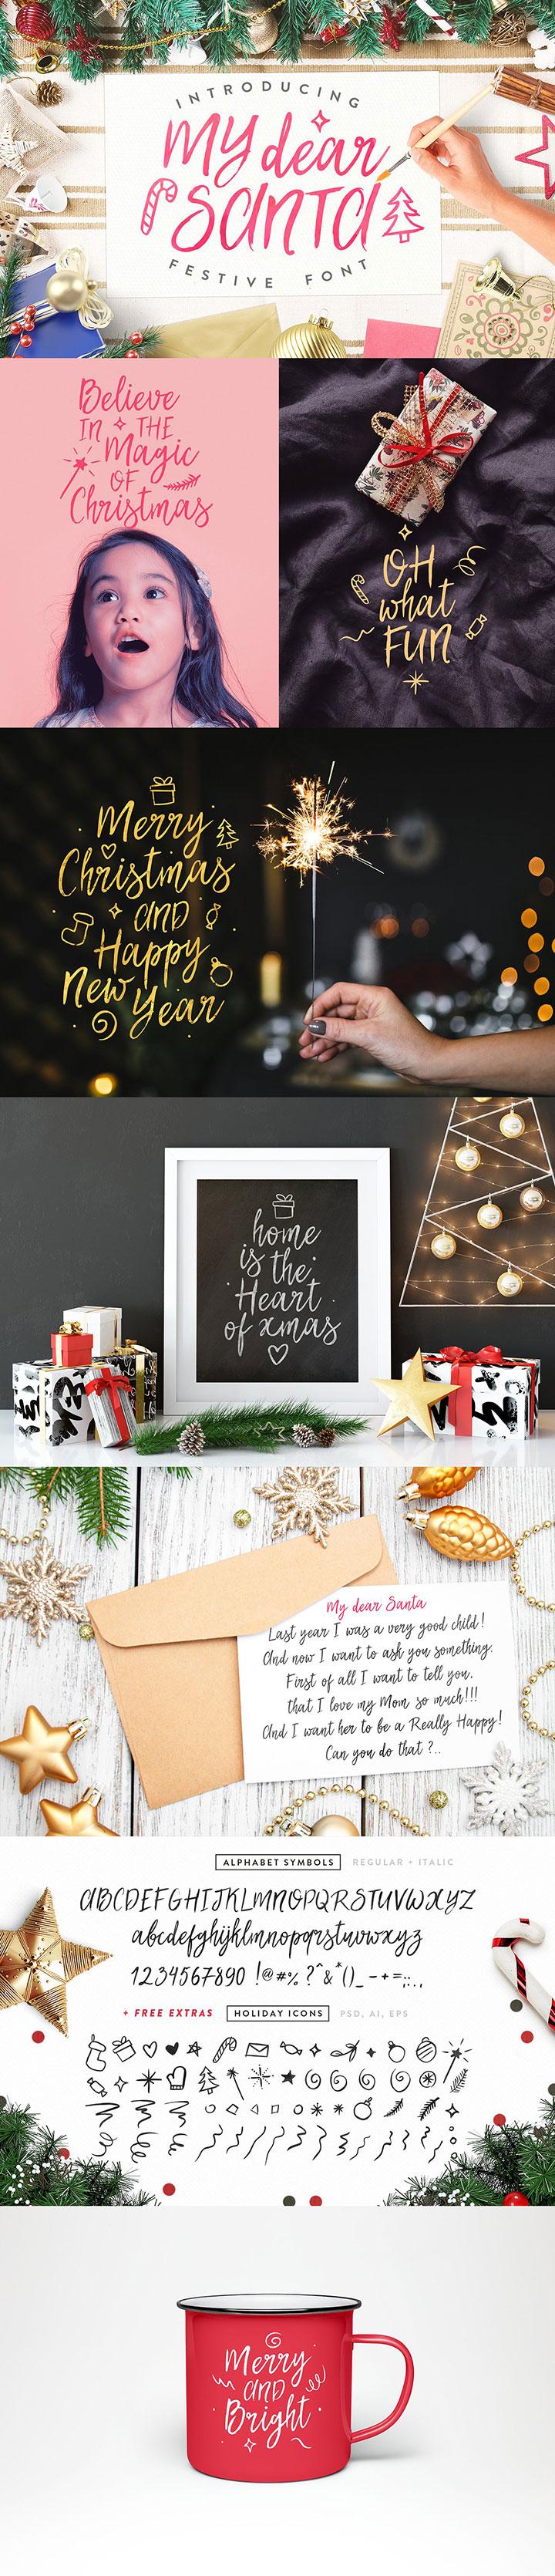 梦幻的圣诞节字体、图标和图形打包下载[PSD,Ai,OTF,TTF]